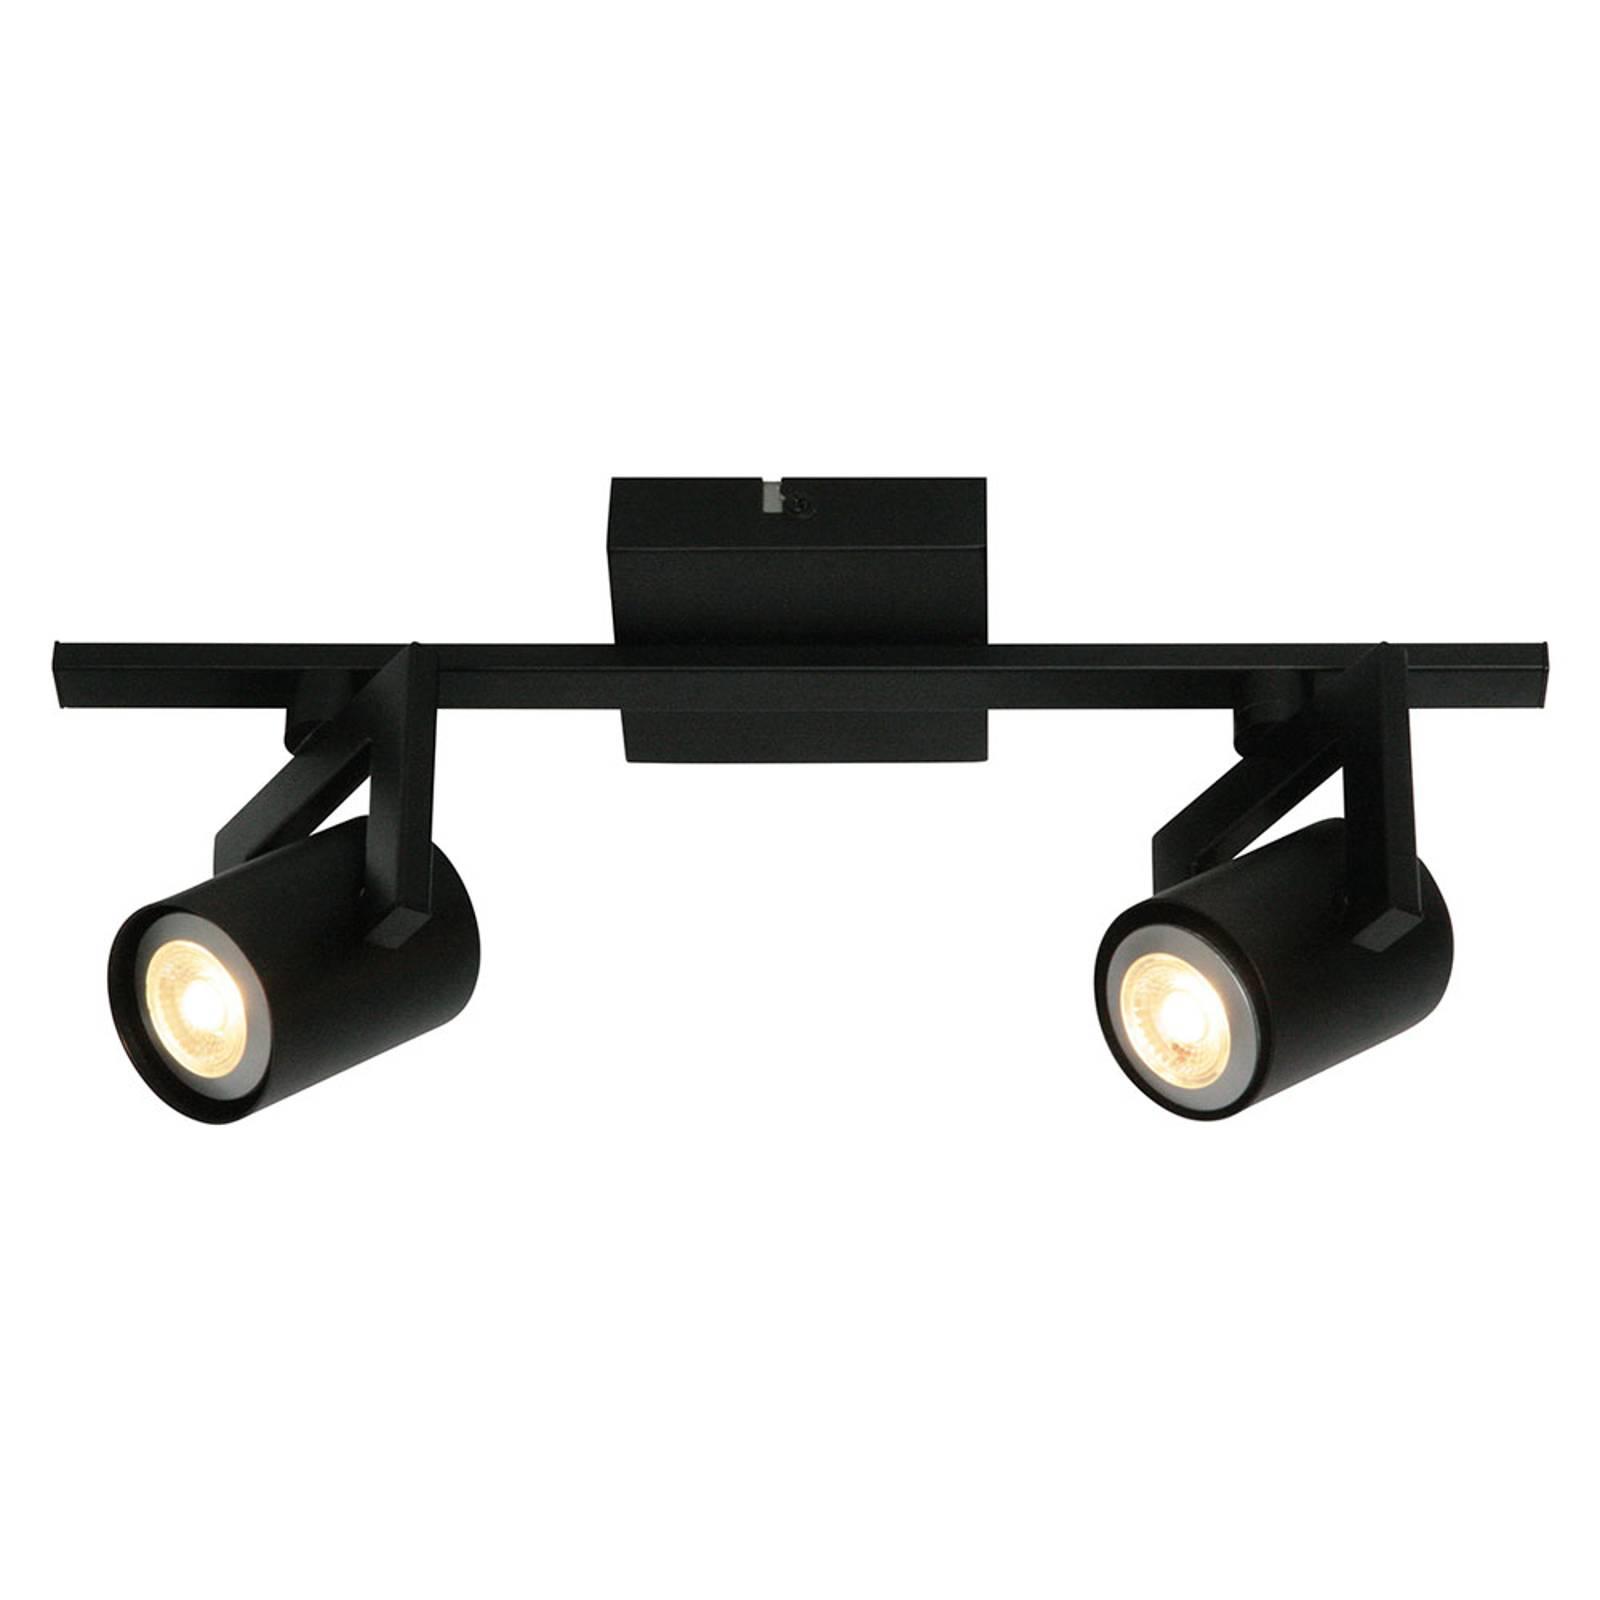 Moderni kattovalaisin ValvoLED musta, 2-lamppuinen